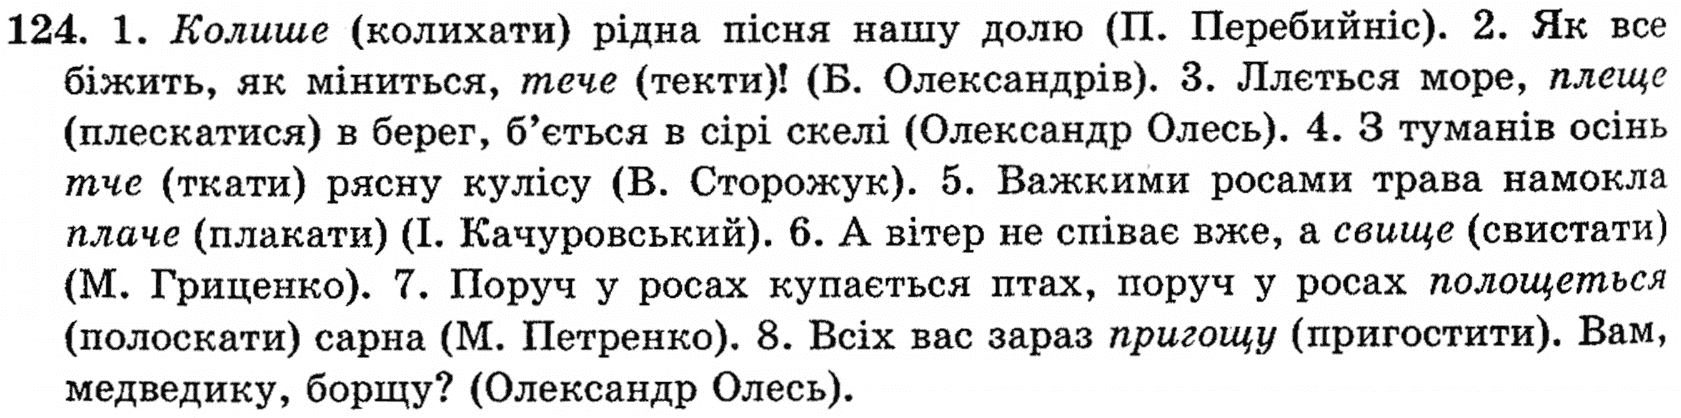 Мова гдз клас на українській мові 10 укр